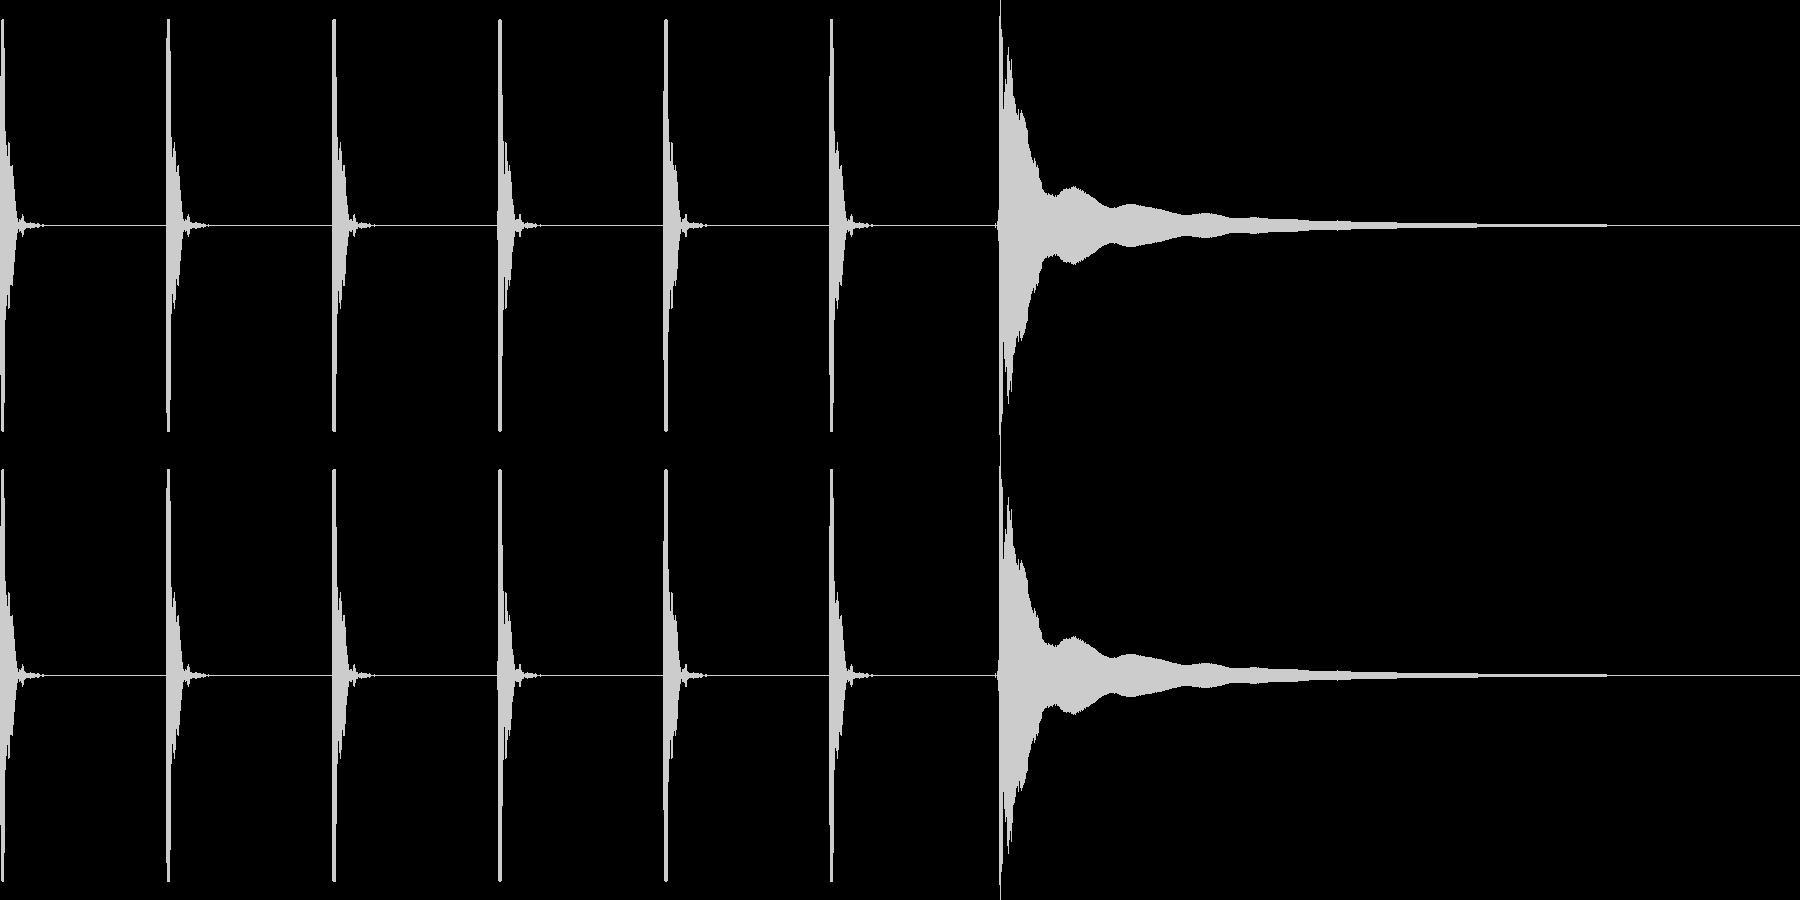 【生録音】ポクポクポク・チーン(早め)の未再生の波形